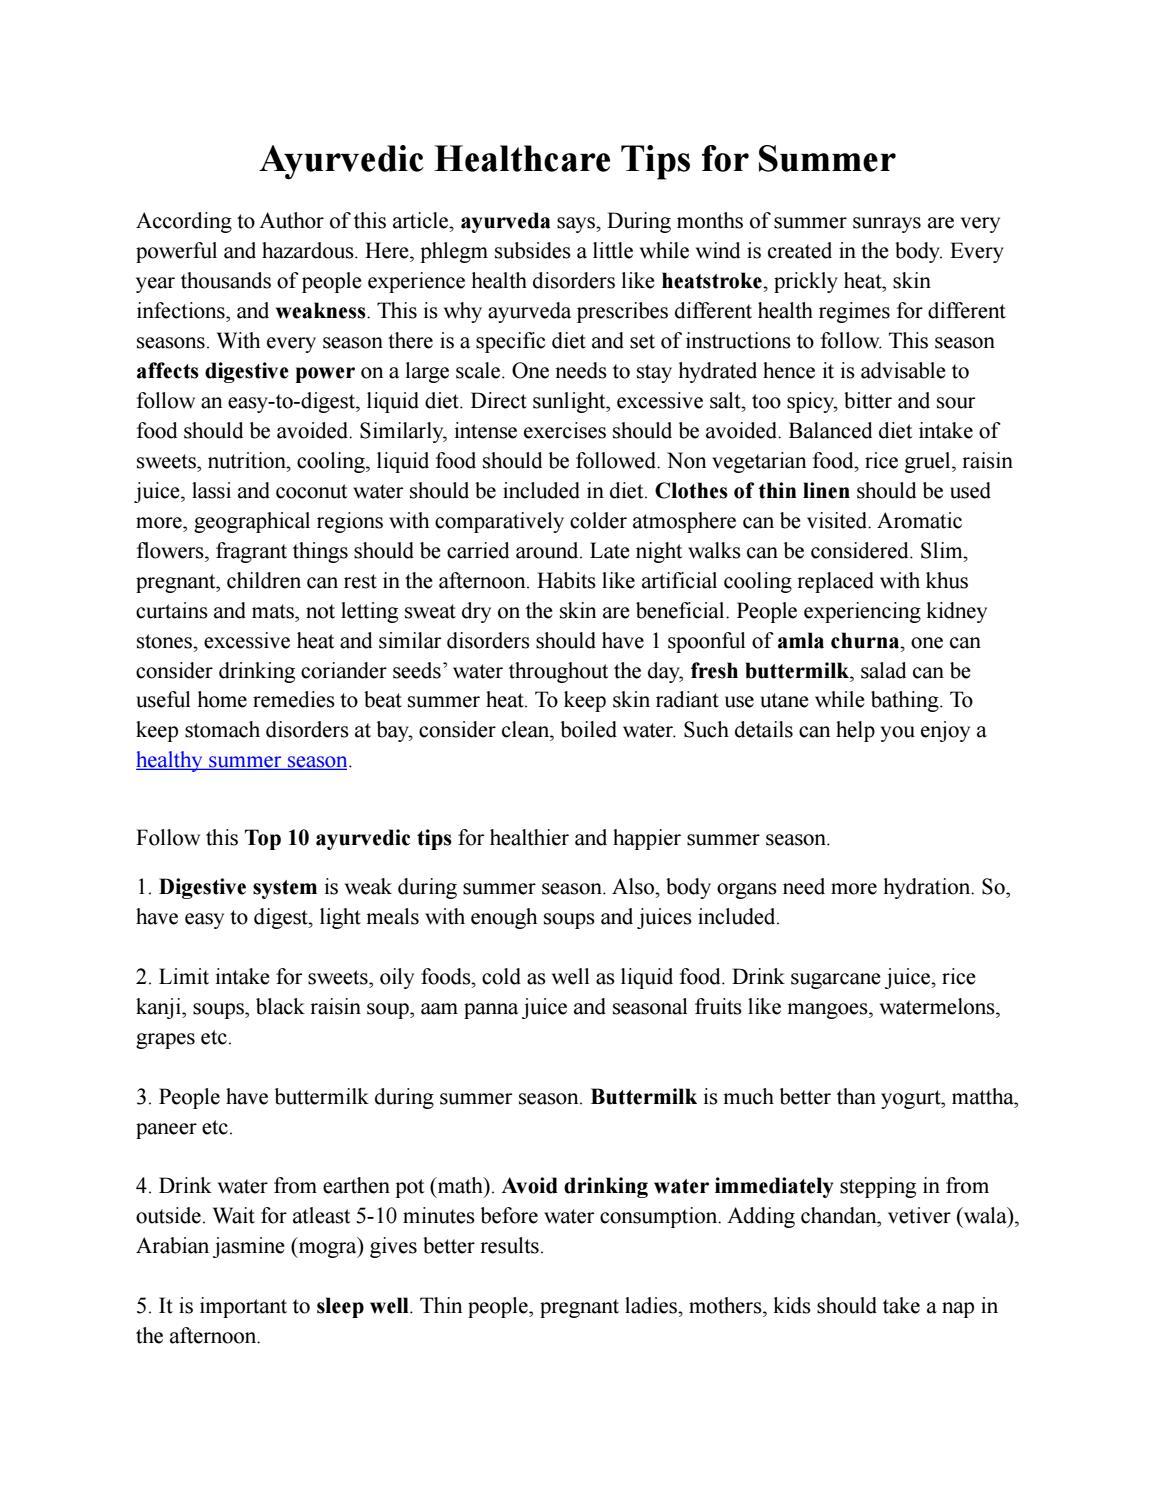 Ayurvedic Healthcare Tips For Summer By Prakruti